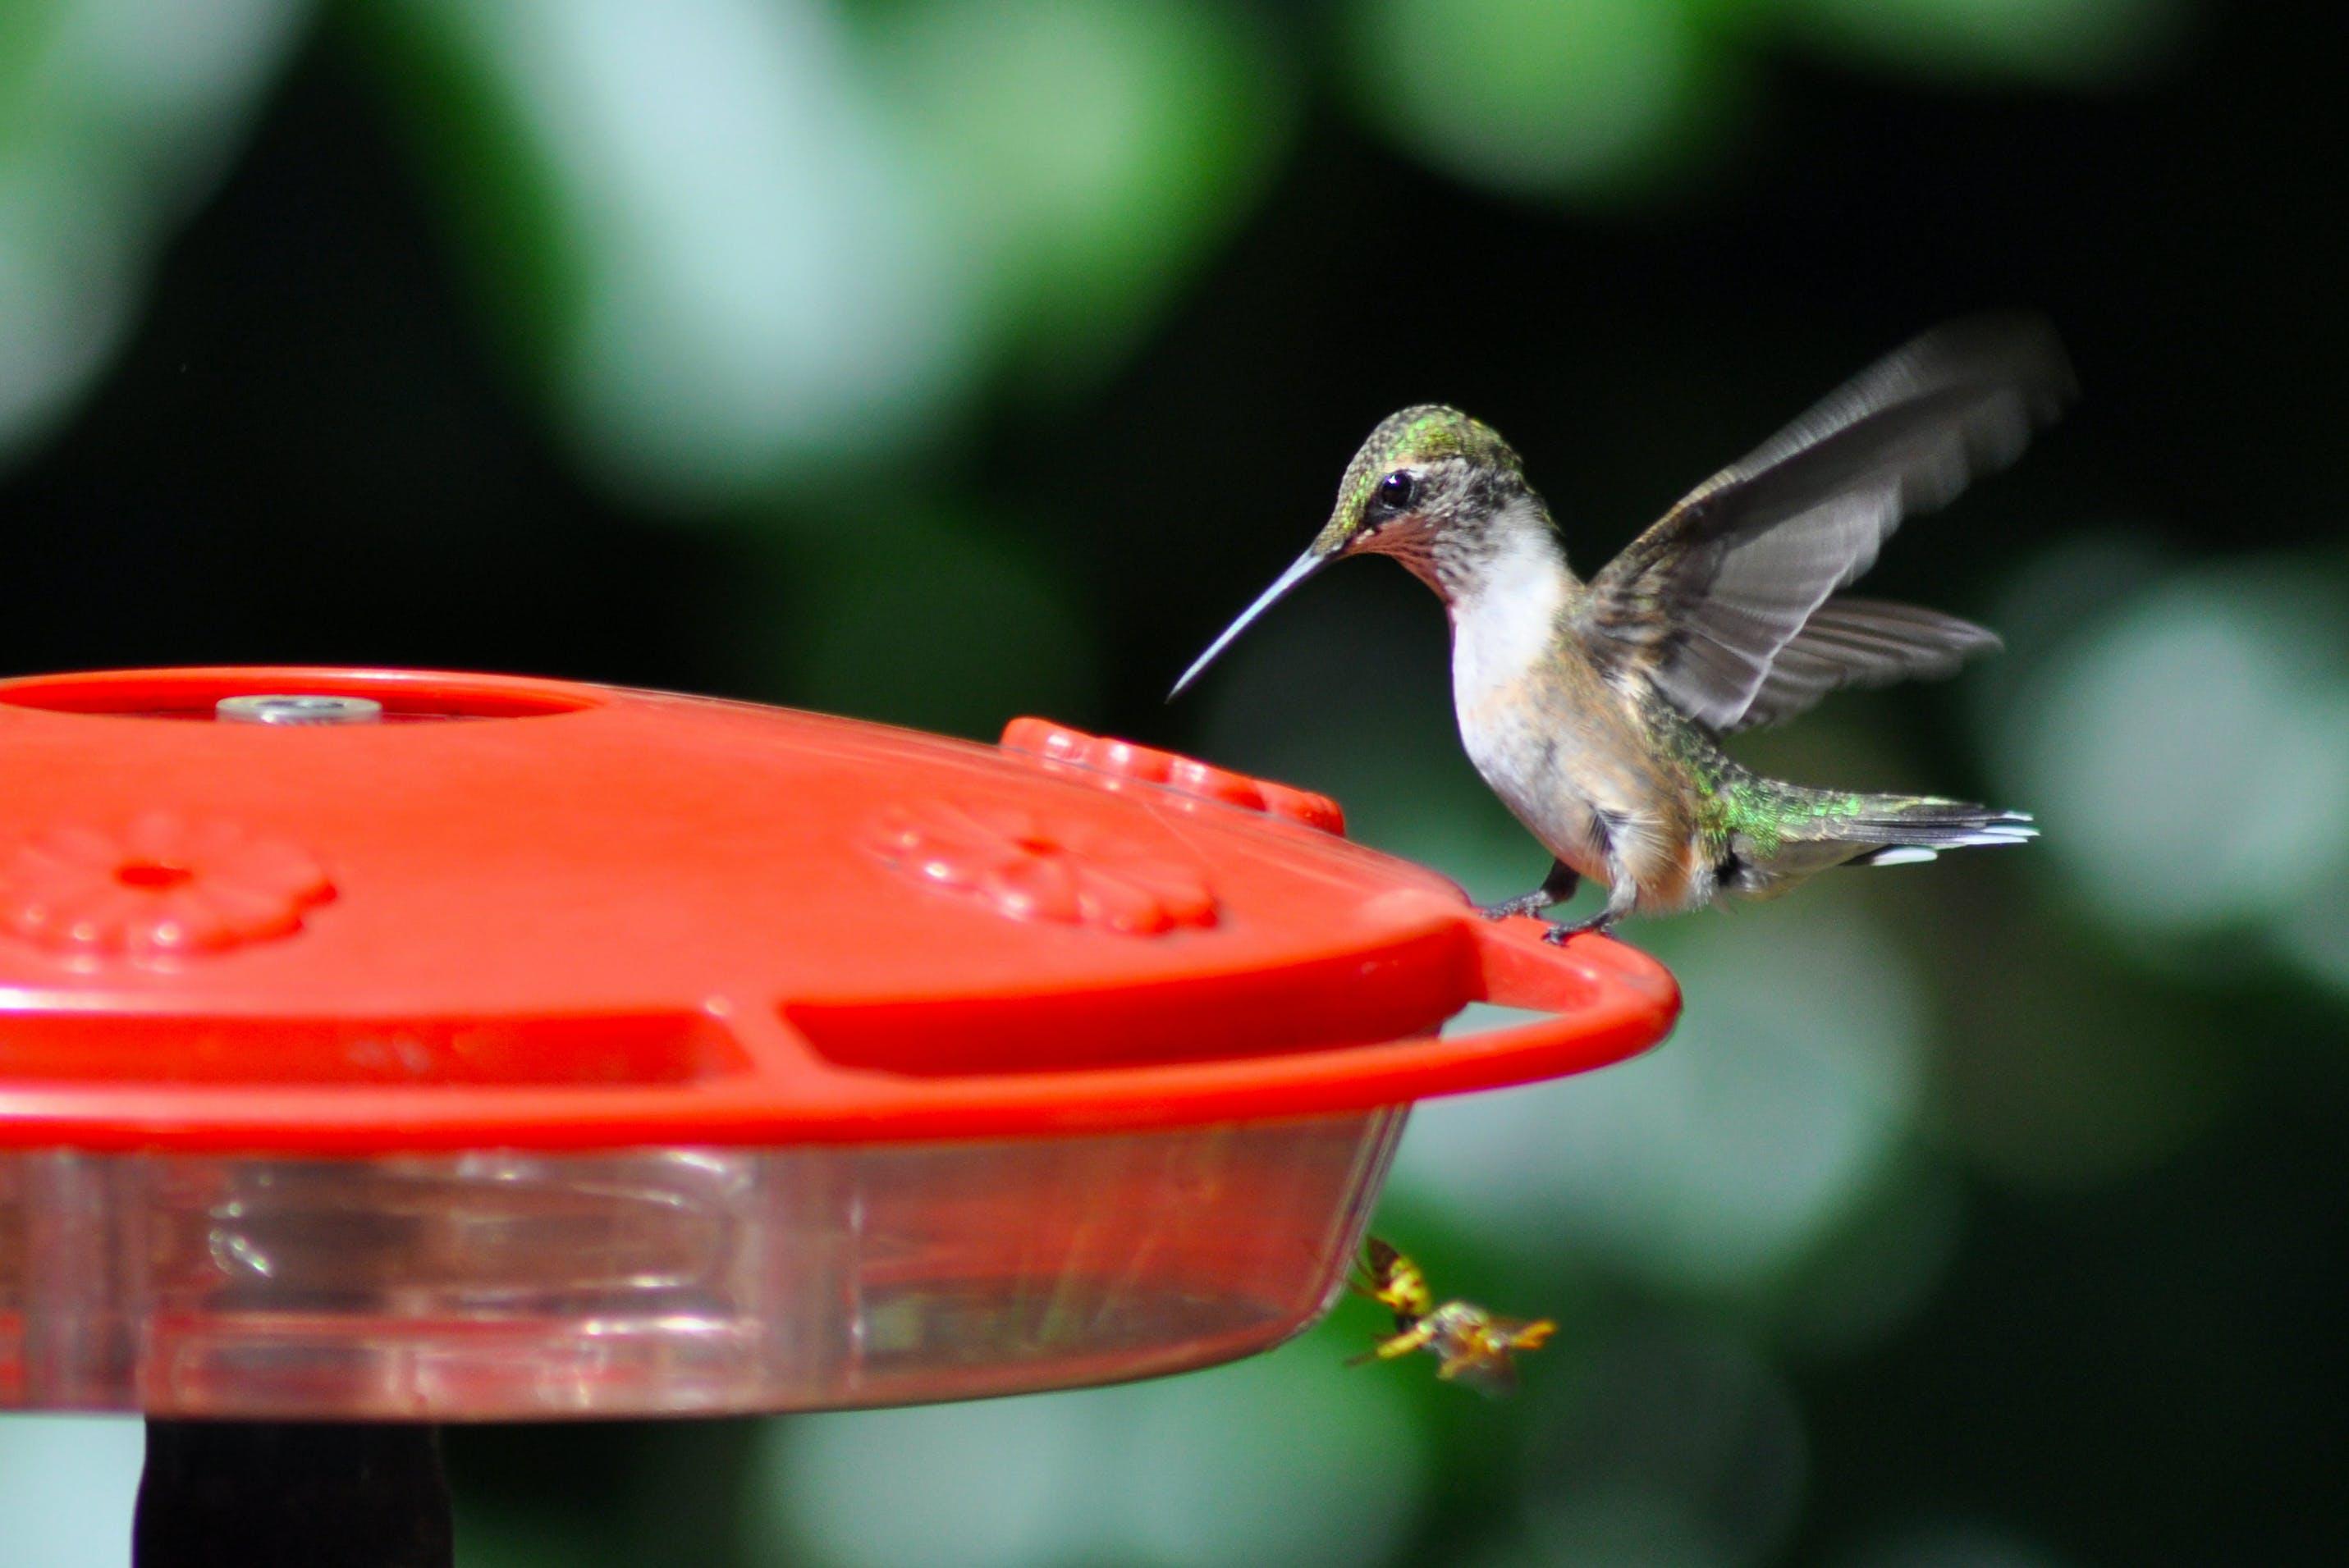 Free stock photo of Humming Bird